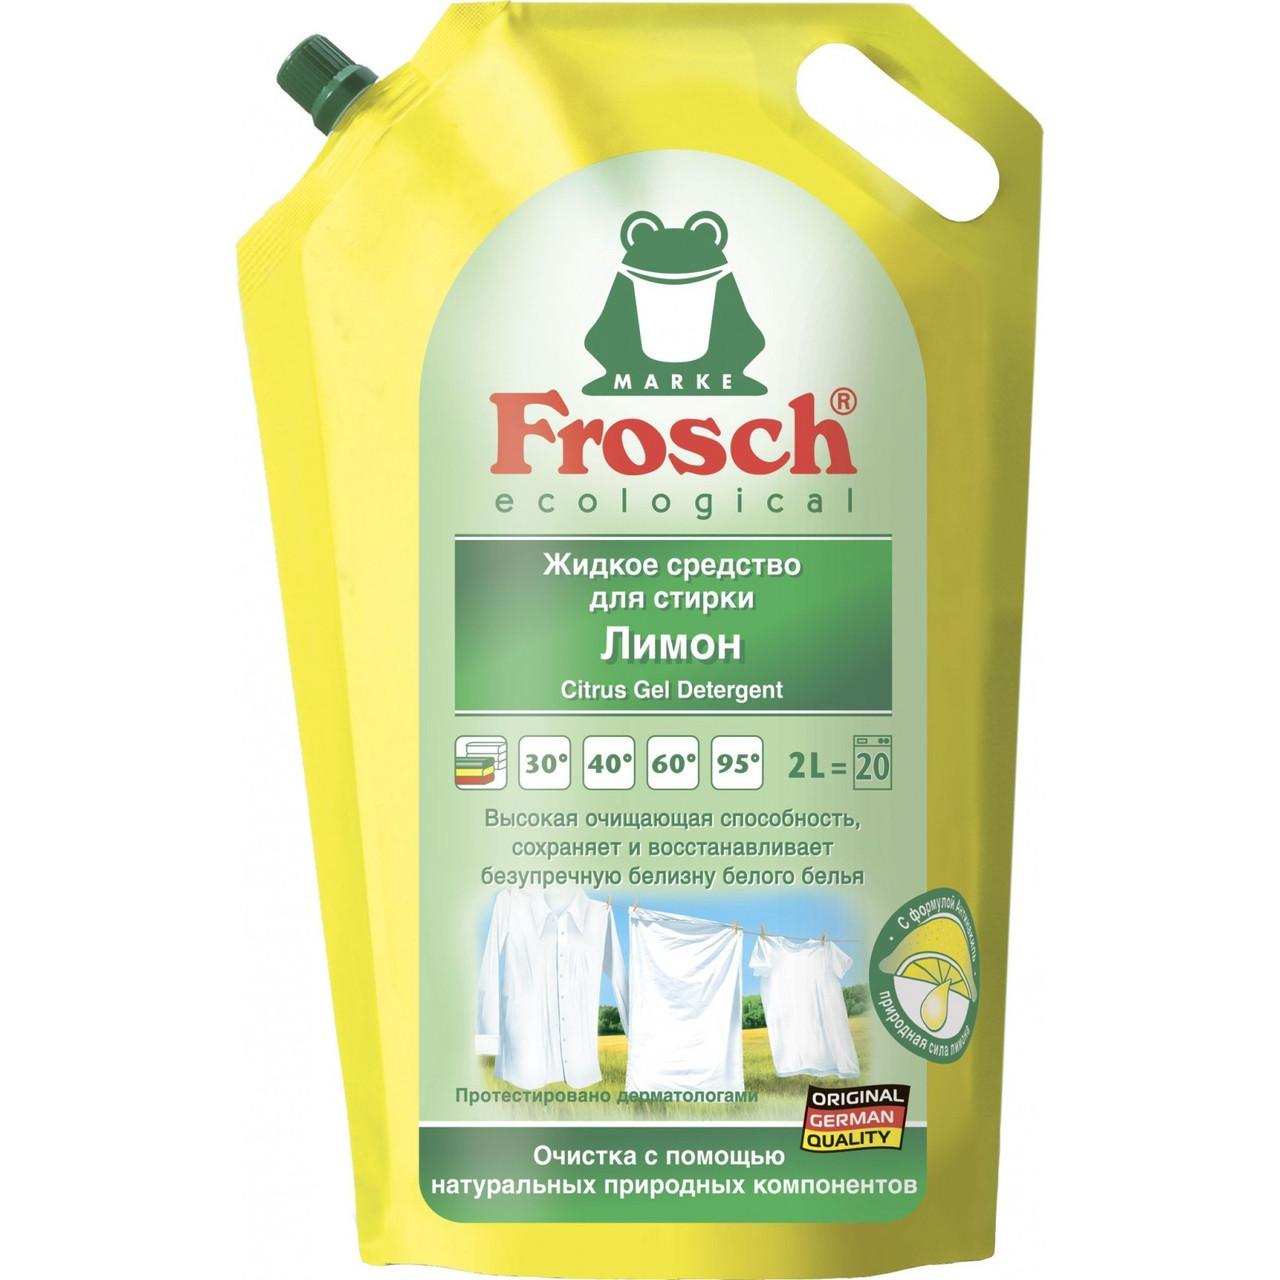 Рідкий пральний засіб Frosch Цитрус 2 л.